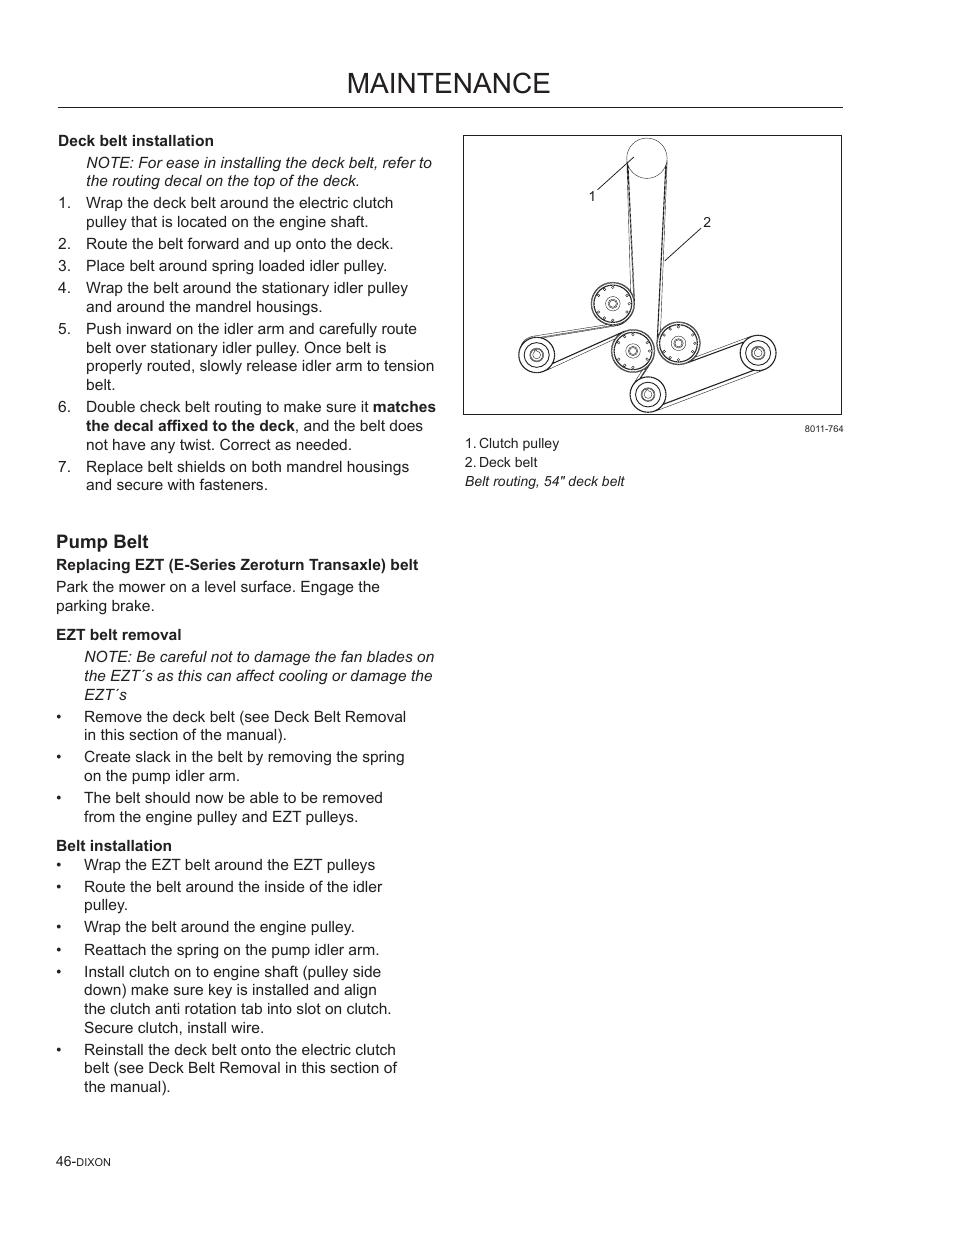 Pump Belt Maintenance Dixon Speedztr 965882301 User Manual Page Zero Turn Mower Wiring Diagram 46 75